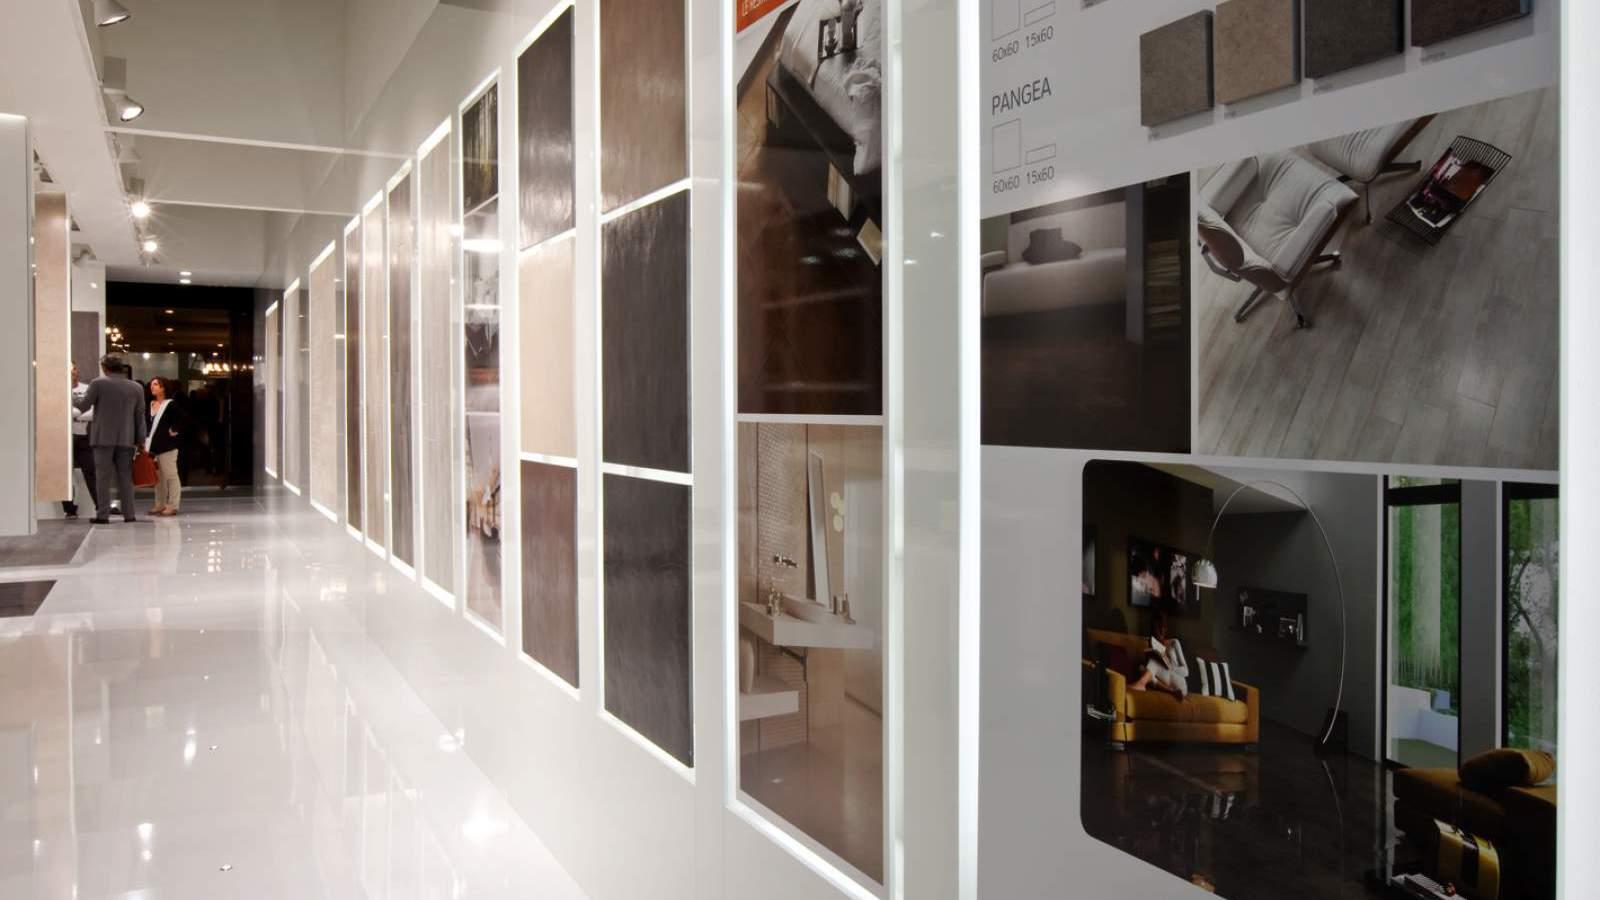 Bottega - Dettaglio allestimento stand Phorma per l'edizione 2011 del Cersaie di Bologna